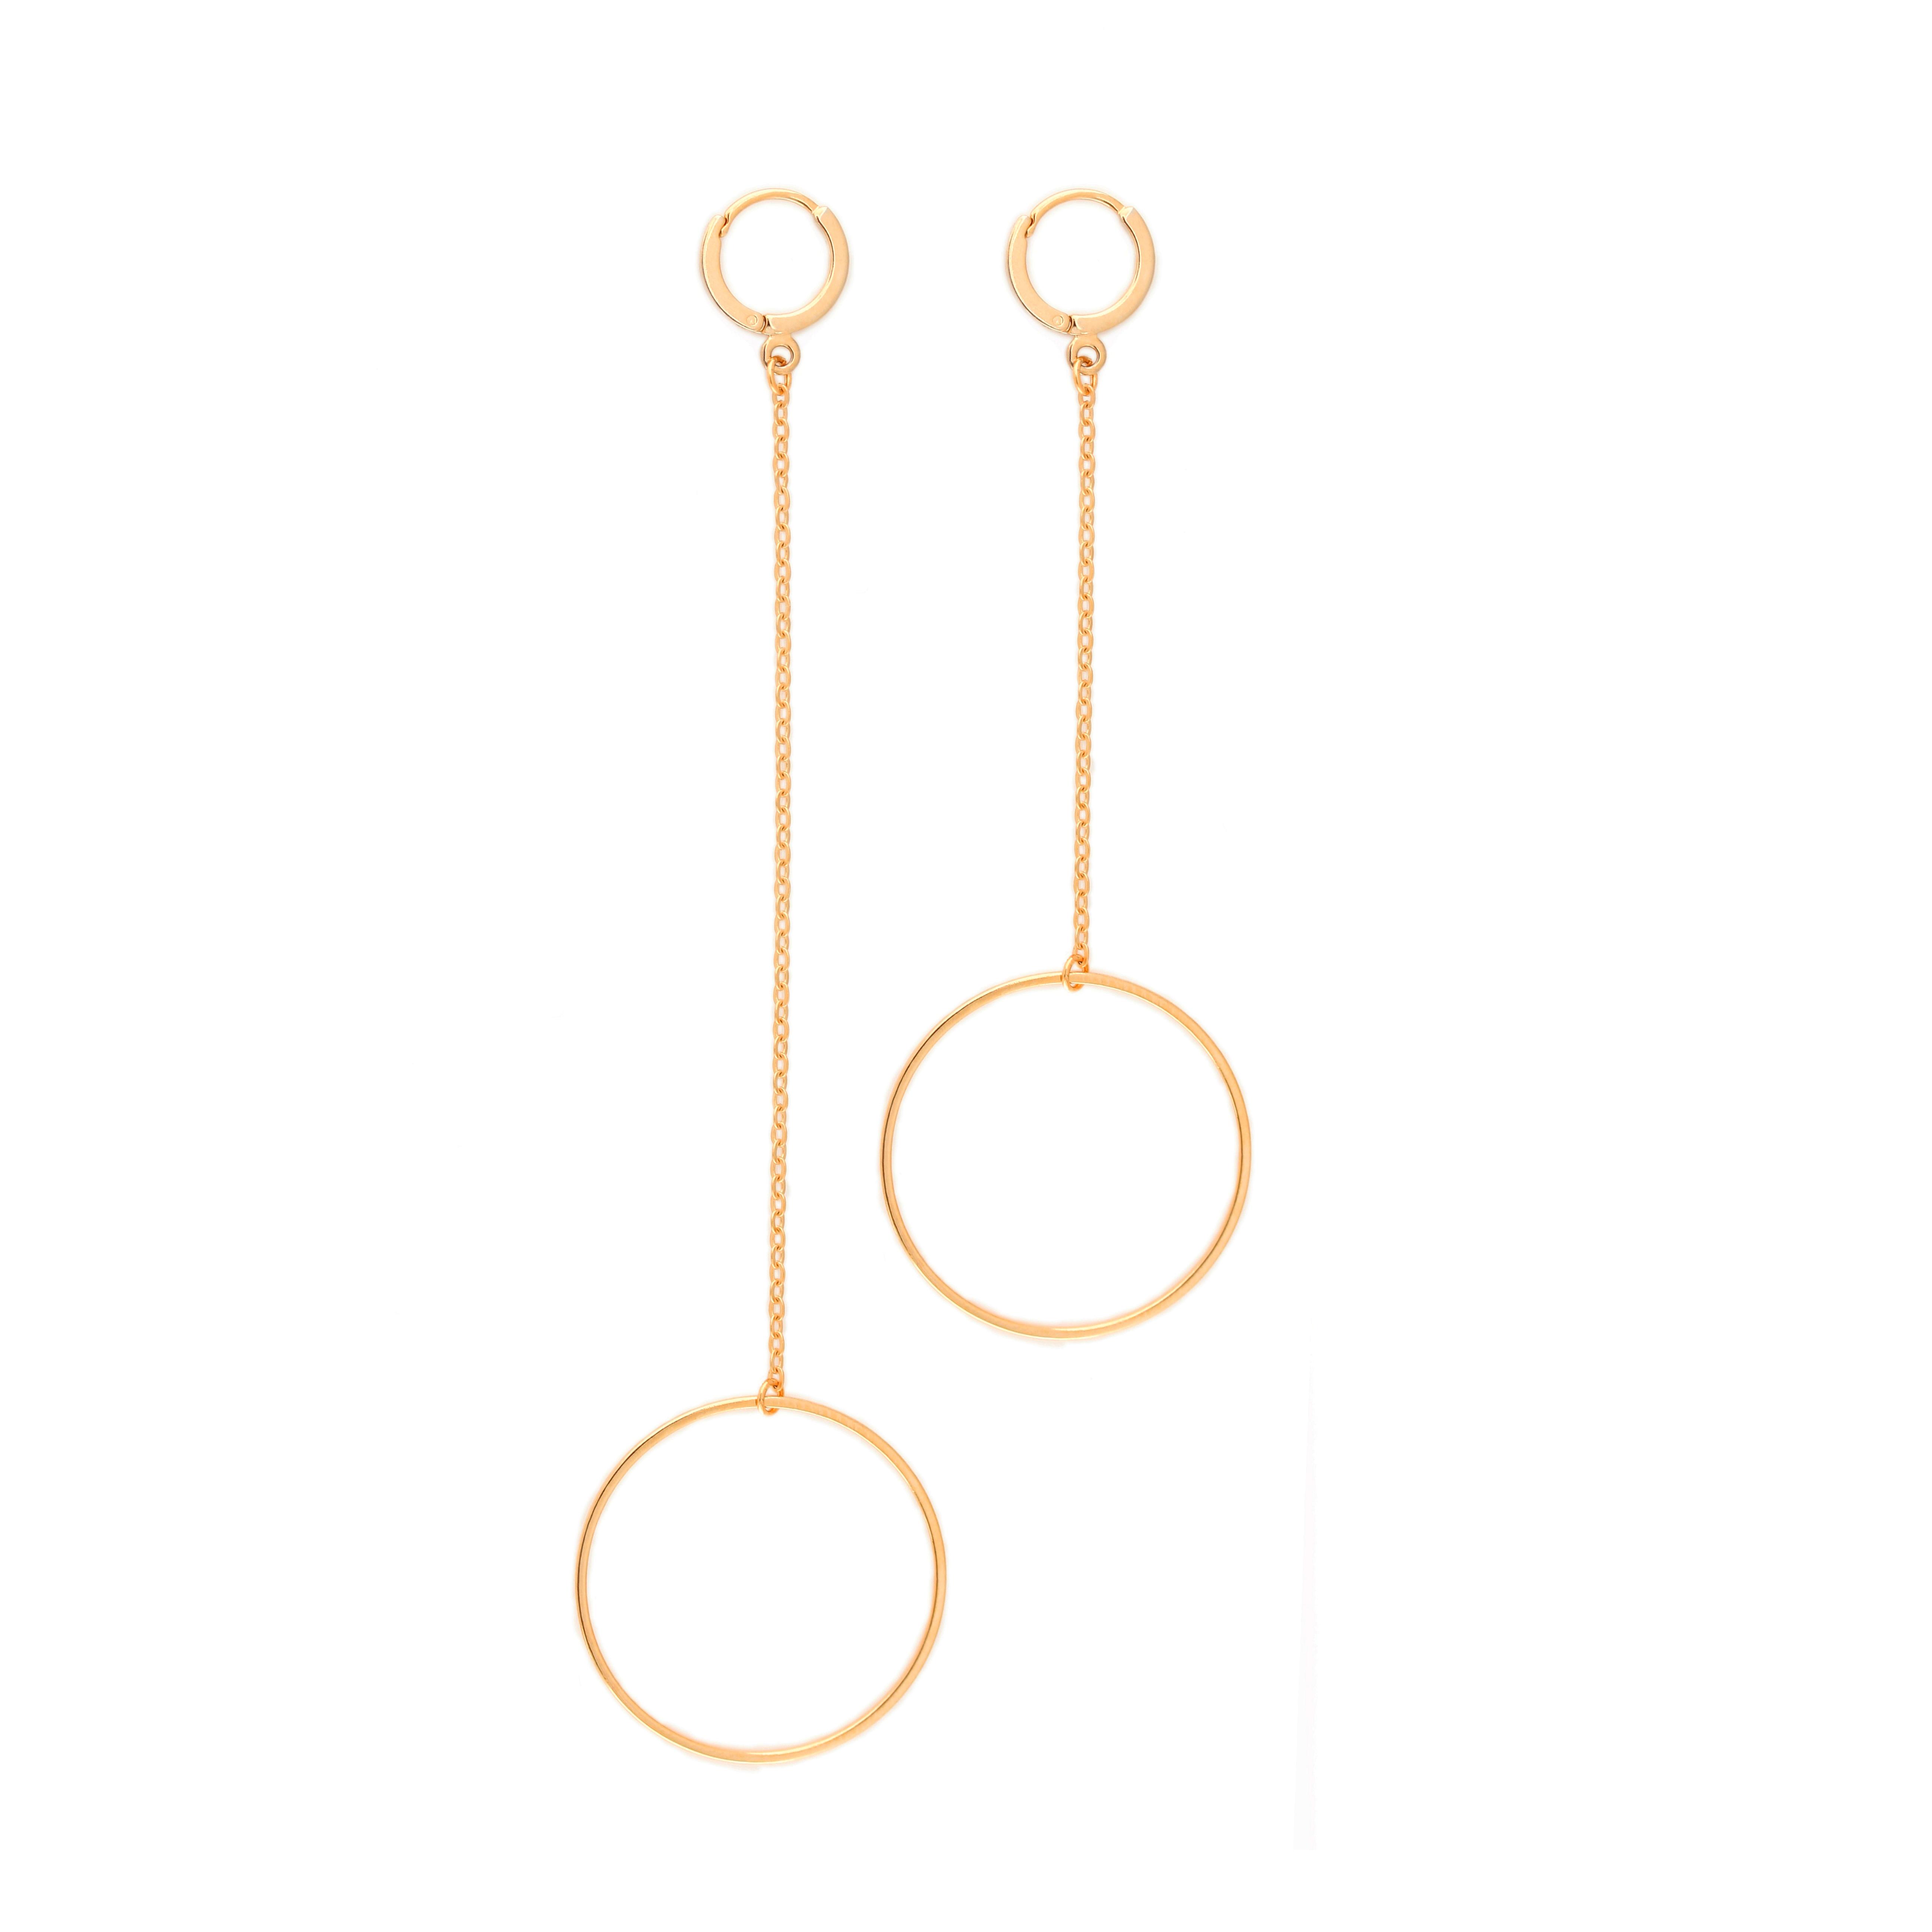 60% günstig neue niedrigere Preise am billigsten Ohrringe Gold 585 vergoldet